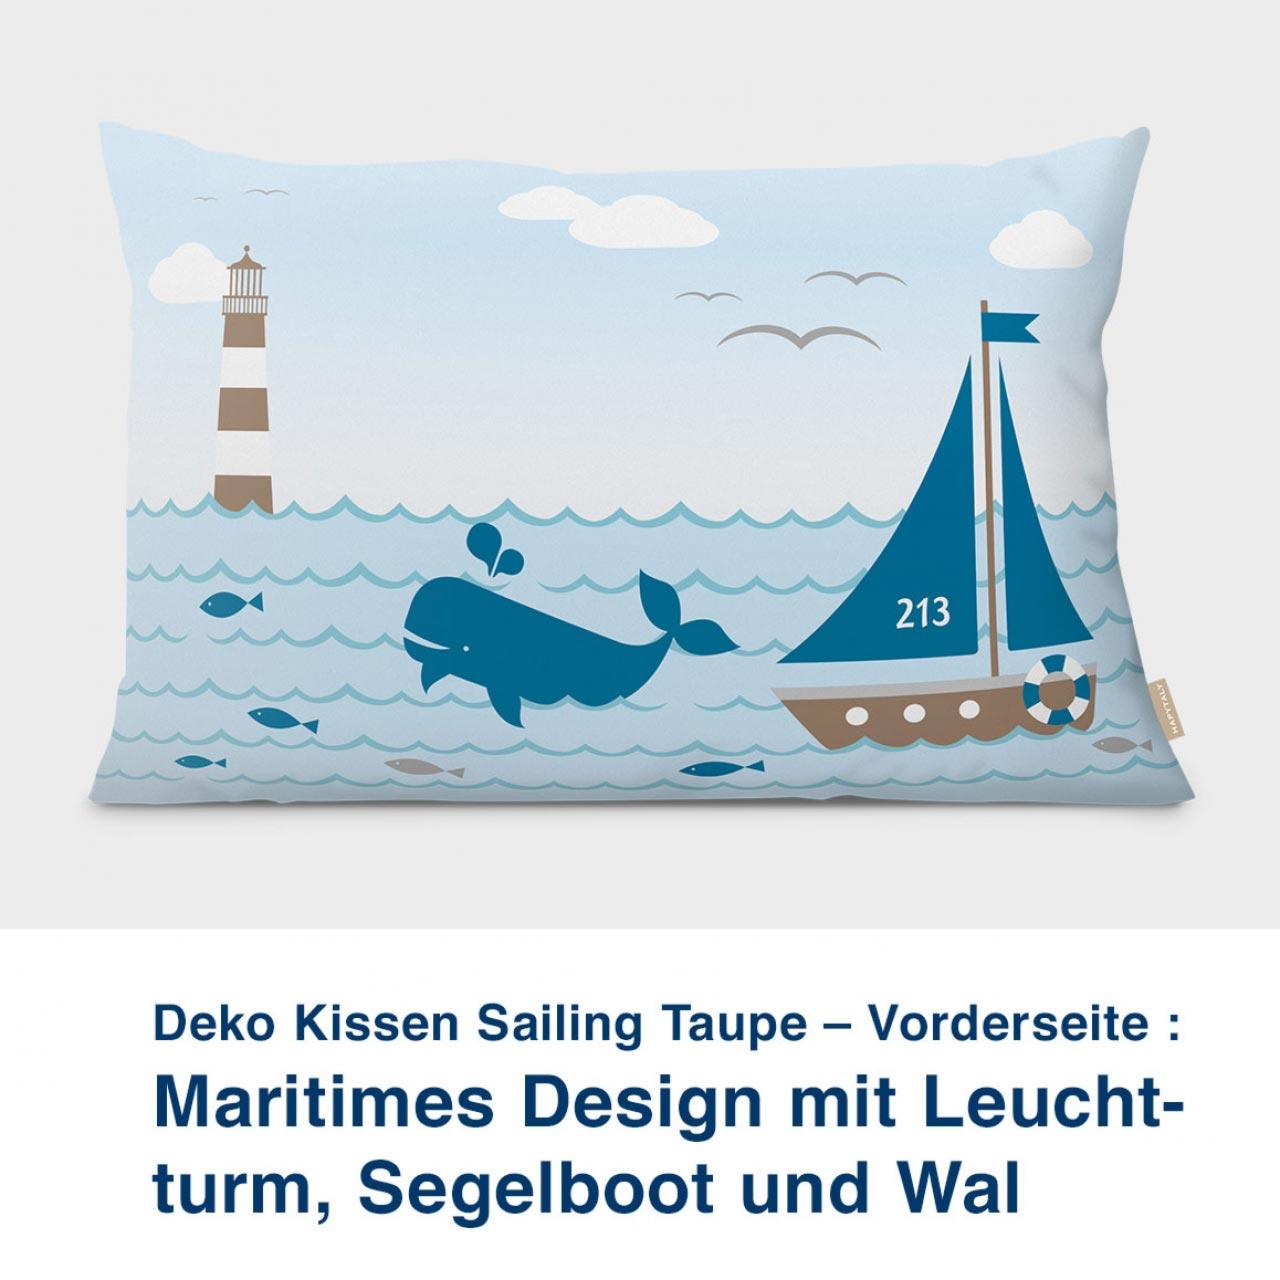 Kissen-Vorderseite, maritimes Design mit Leuchtturm, Sailing Taupe 60 x 40 cm